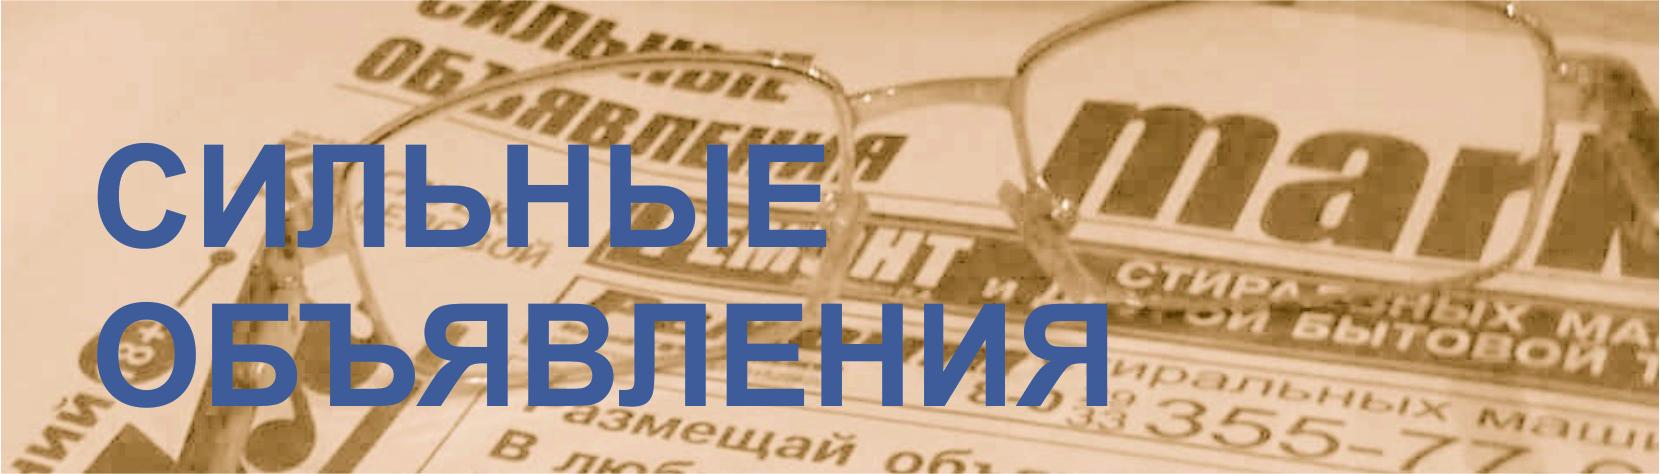 газета Капитал объявления